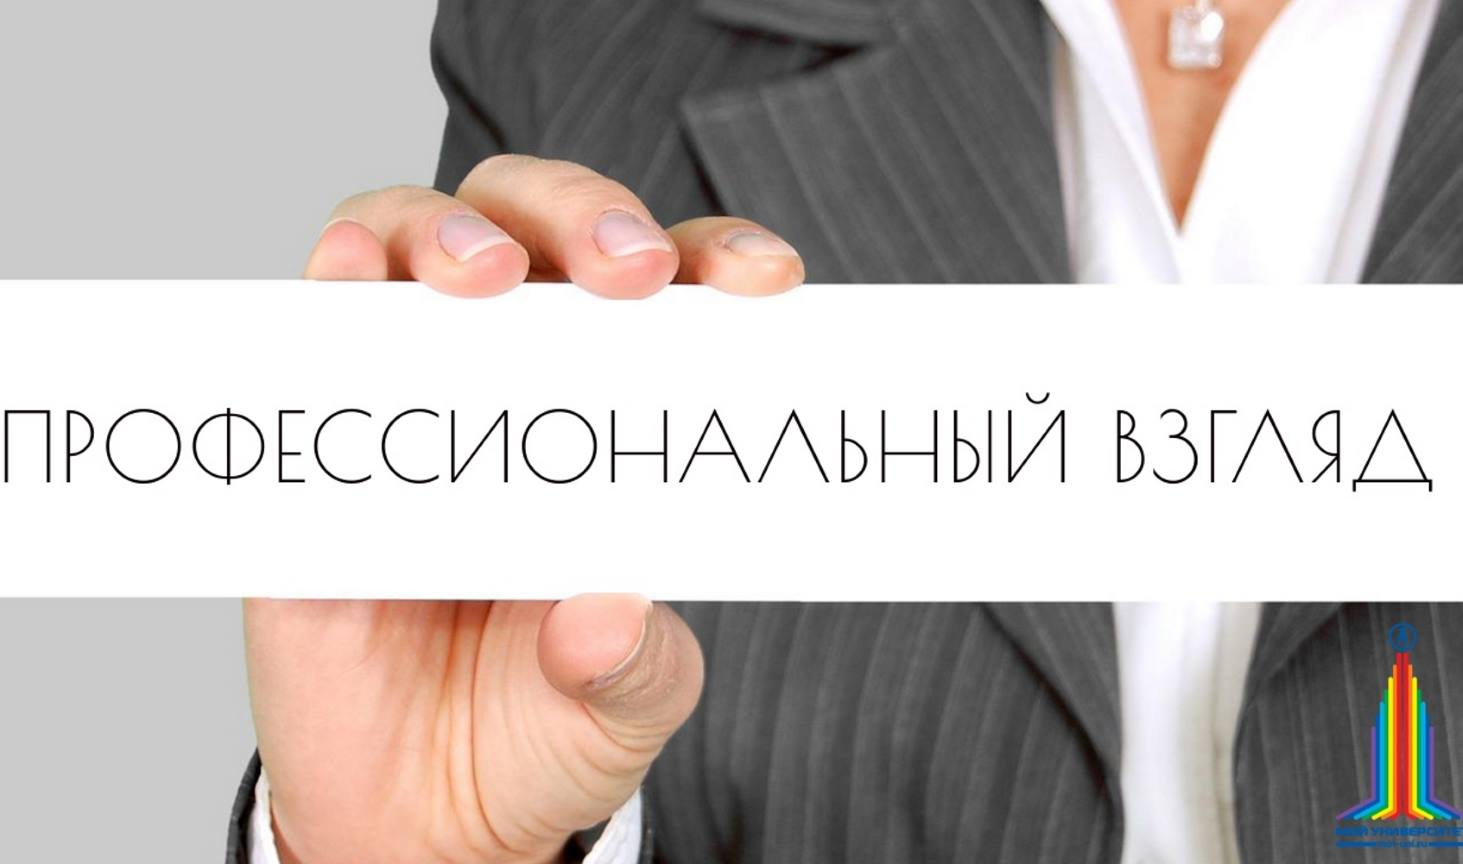 vserossijskij-konkurs-dlya-vypusknikov-shkol-professionalnyj-vzglyad